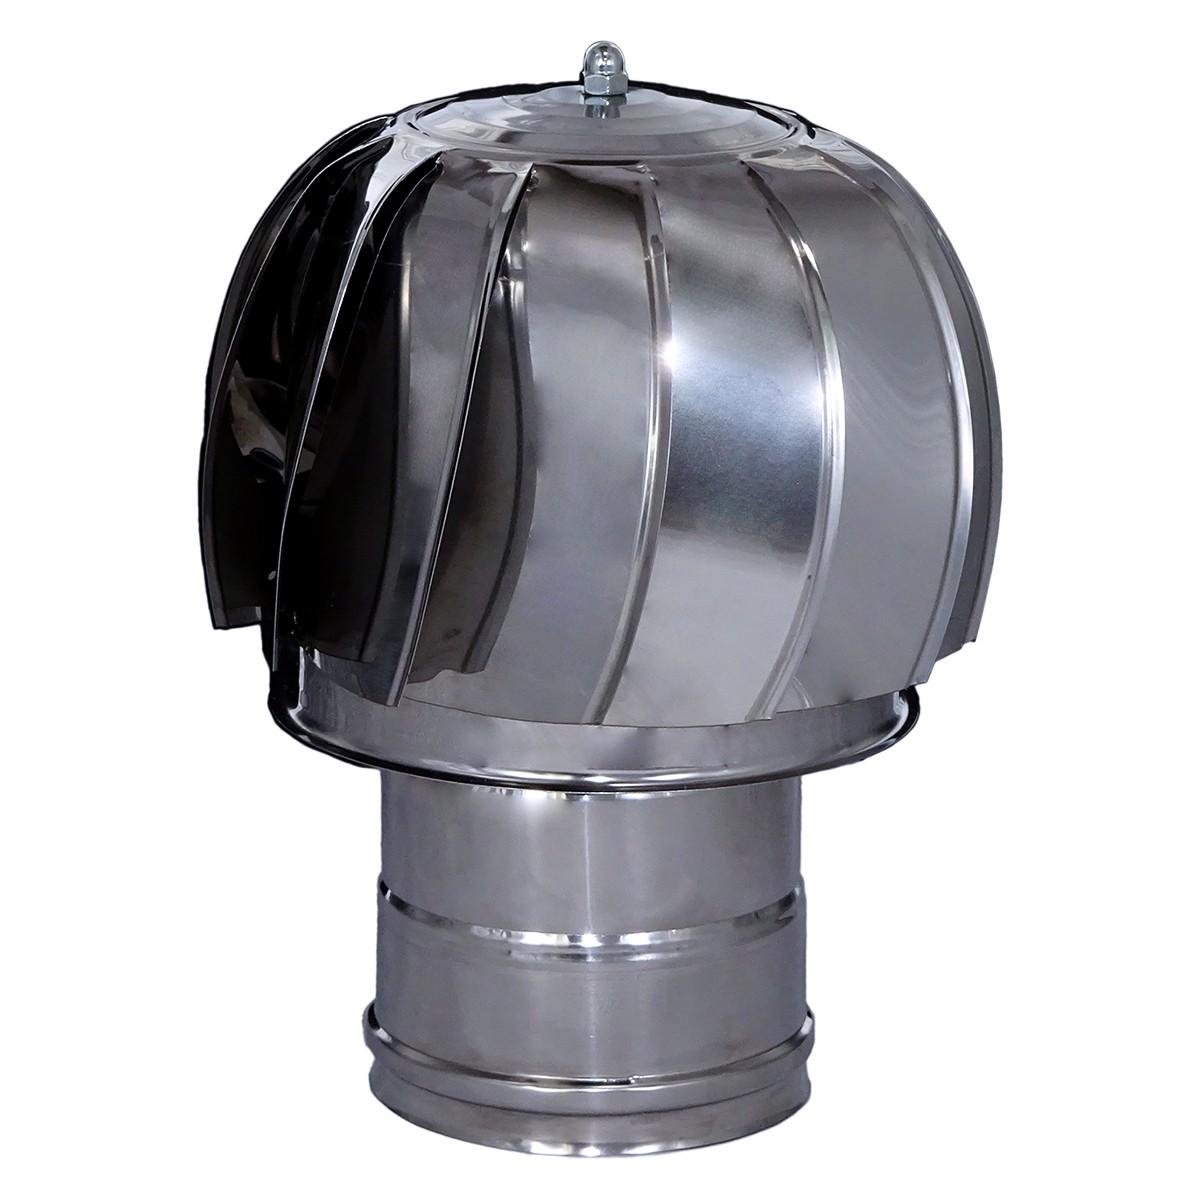 Pălărie rotativă din inox pentru coșuri de fum - Ø 125mm